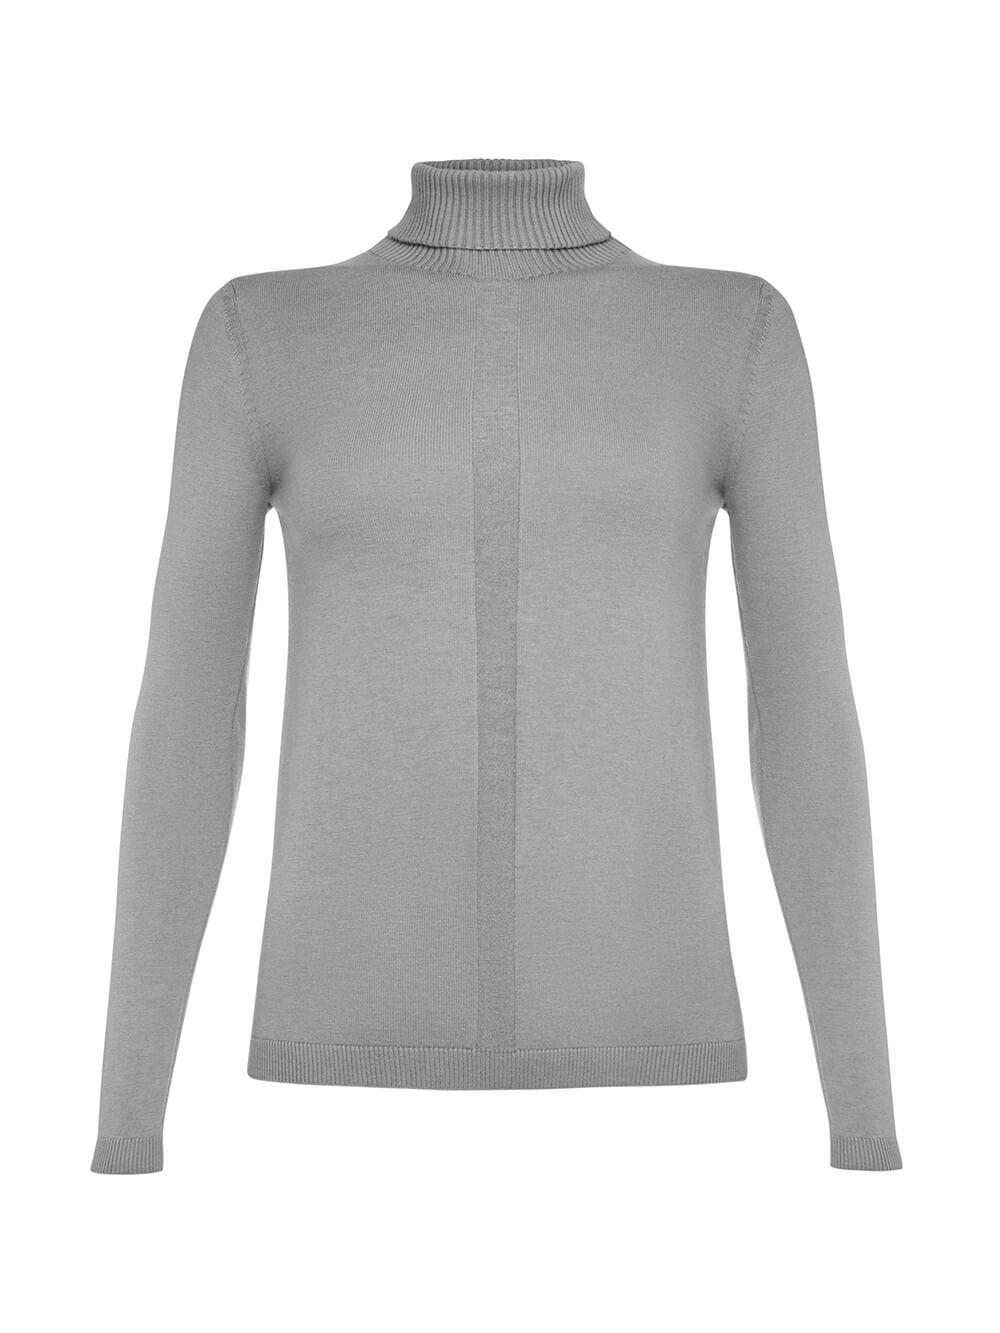 Женский джемпер цвета светло-серый меланж из шерсти и шелка - фото 1